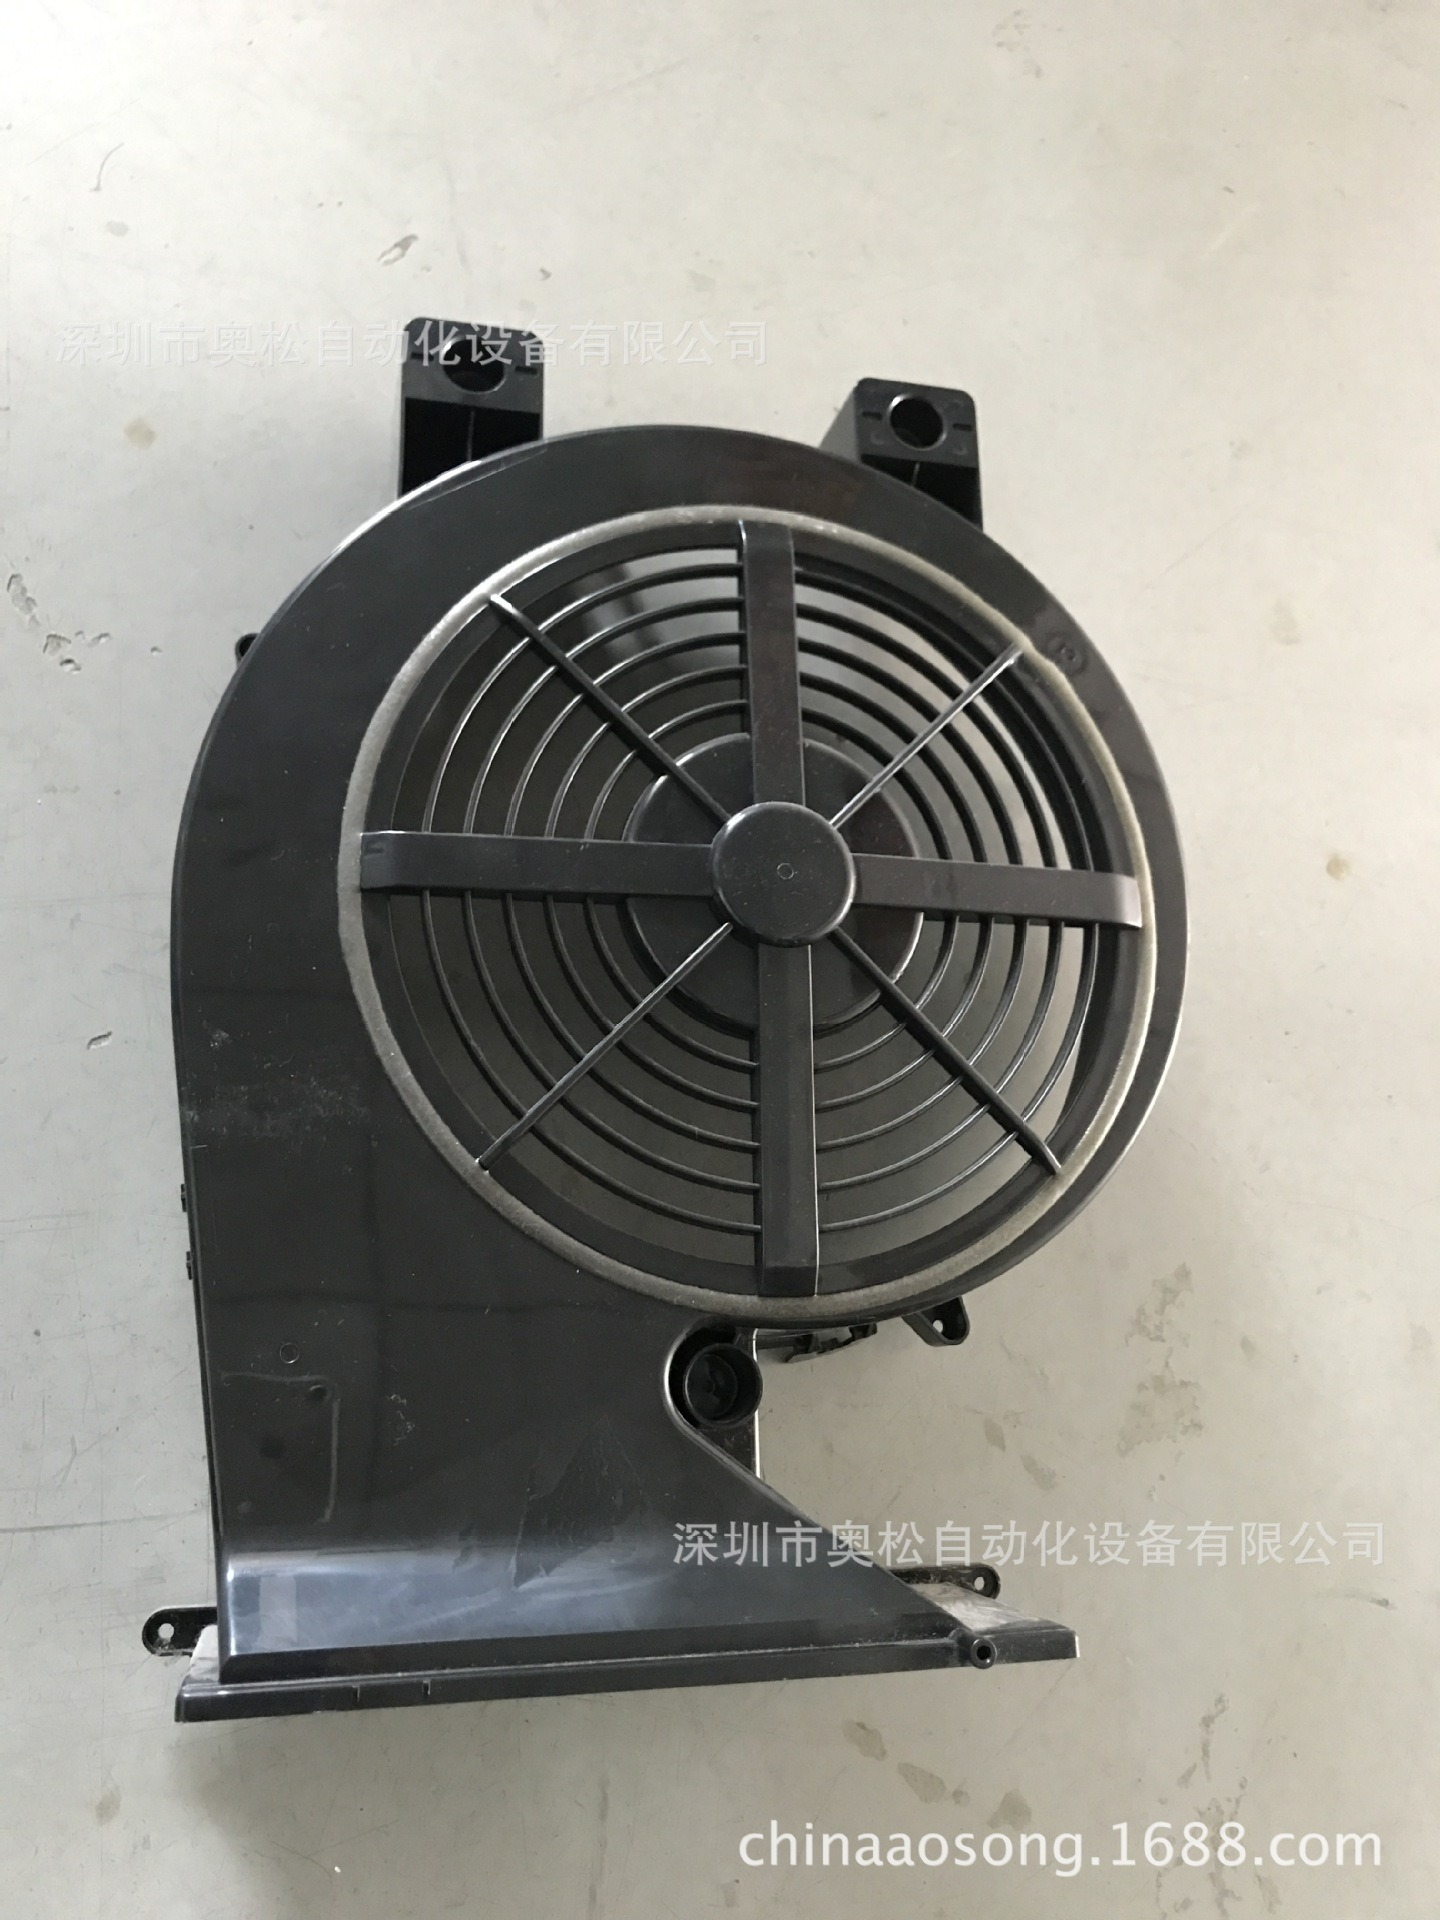 空气过滤芯打发泡胶条IMG_3399.JPG